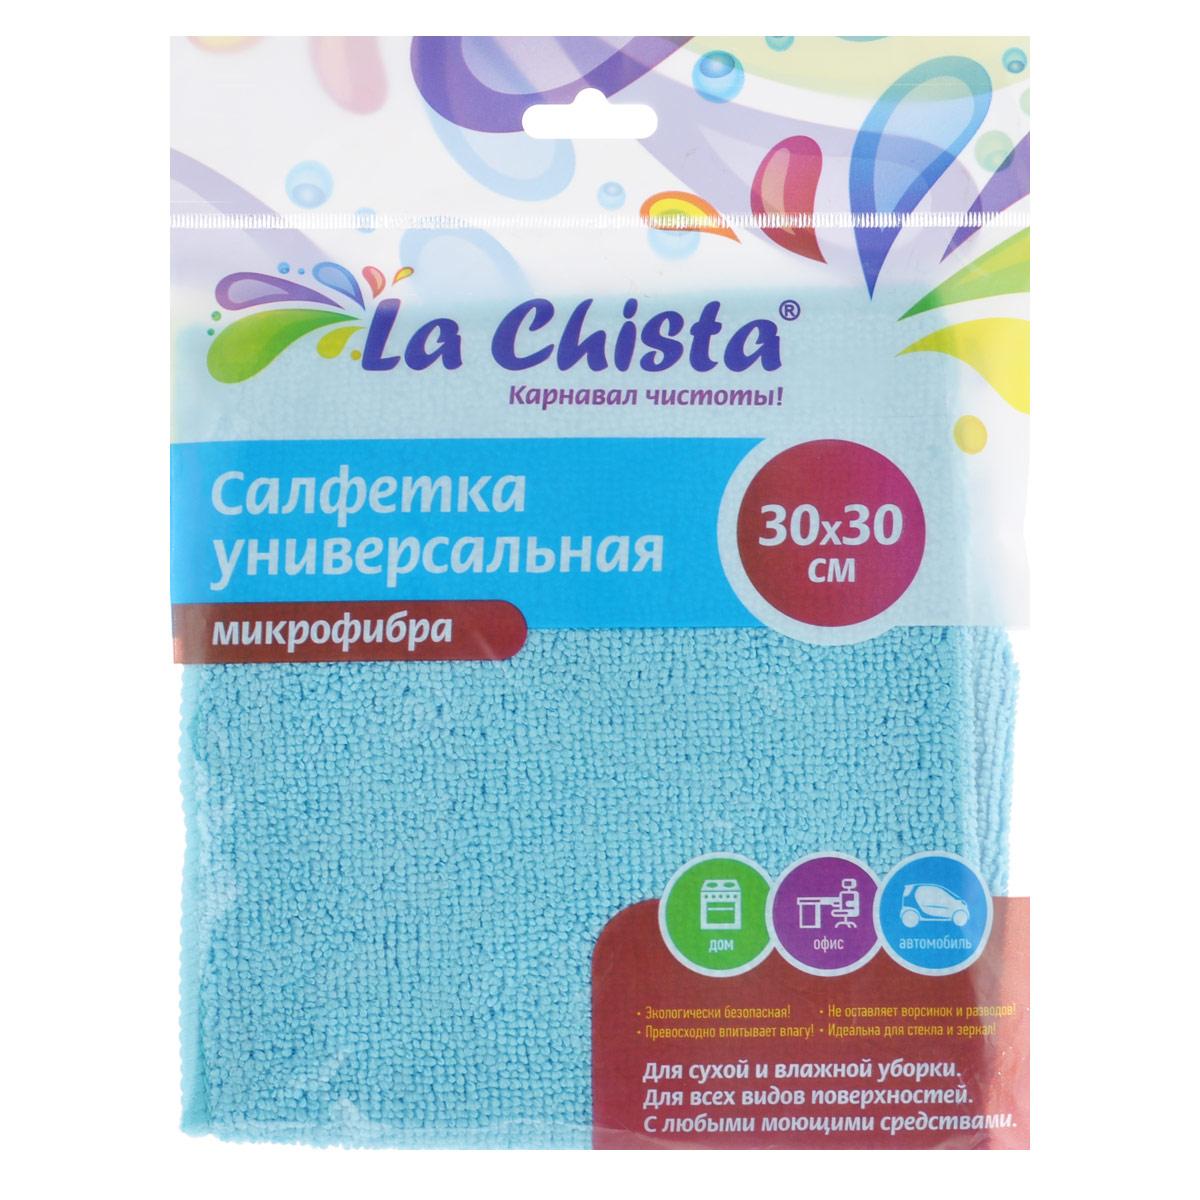 Салфетка универсальная La Chista, цвет: голубой, 30 х 30 см870144Универсальная салфетка La Chista, изготовленная из 80% полиэстера и 20% полиамида, обладает идеальными для ежедневной уборки свойствами. Она прекрасно подойдет, как для влажной, так и для сухой уборки. Не оставляет ворсинок и разводов, прекрасно впитывает воду, хорошо стирается и сохраняет свои свойства после многократного использования. Салфетку можно использовать с любыми чистящими средствами.